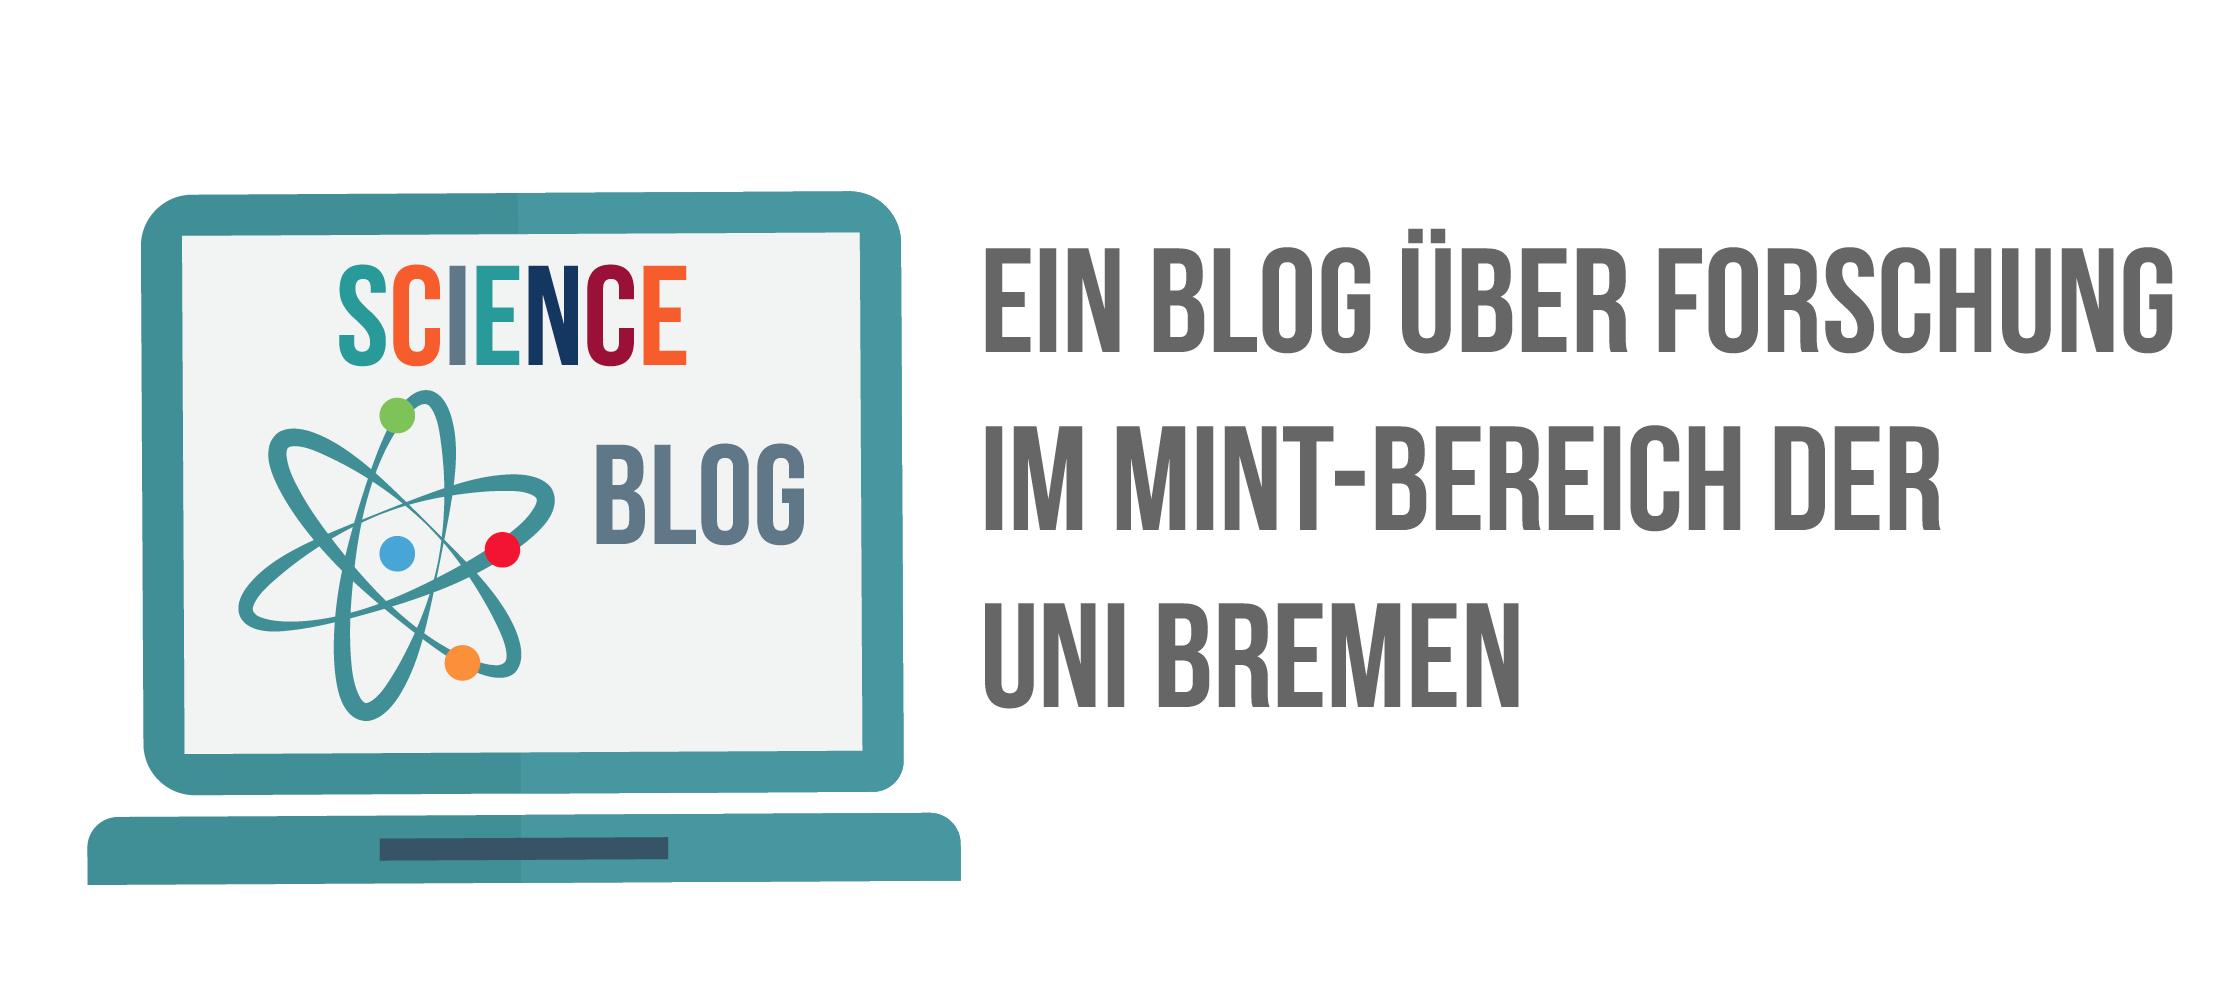 Science Blog der Schreibwerkstatt MINT an der Uni Bremen